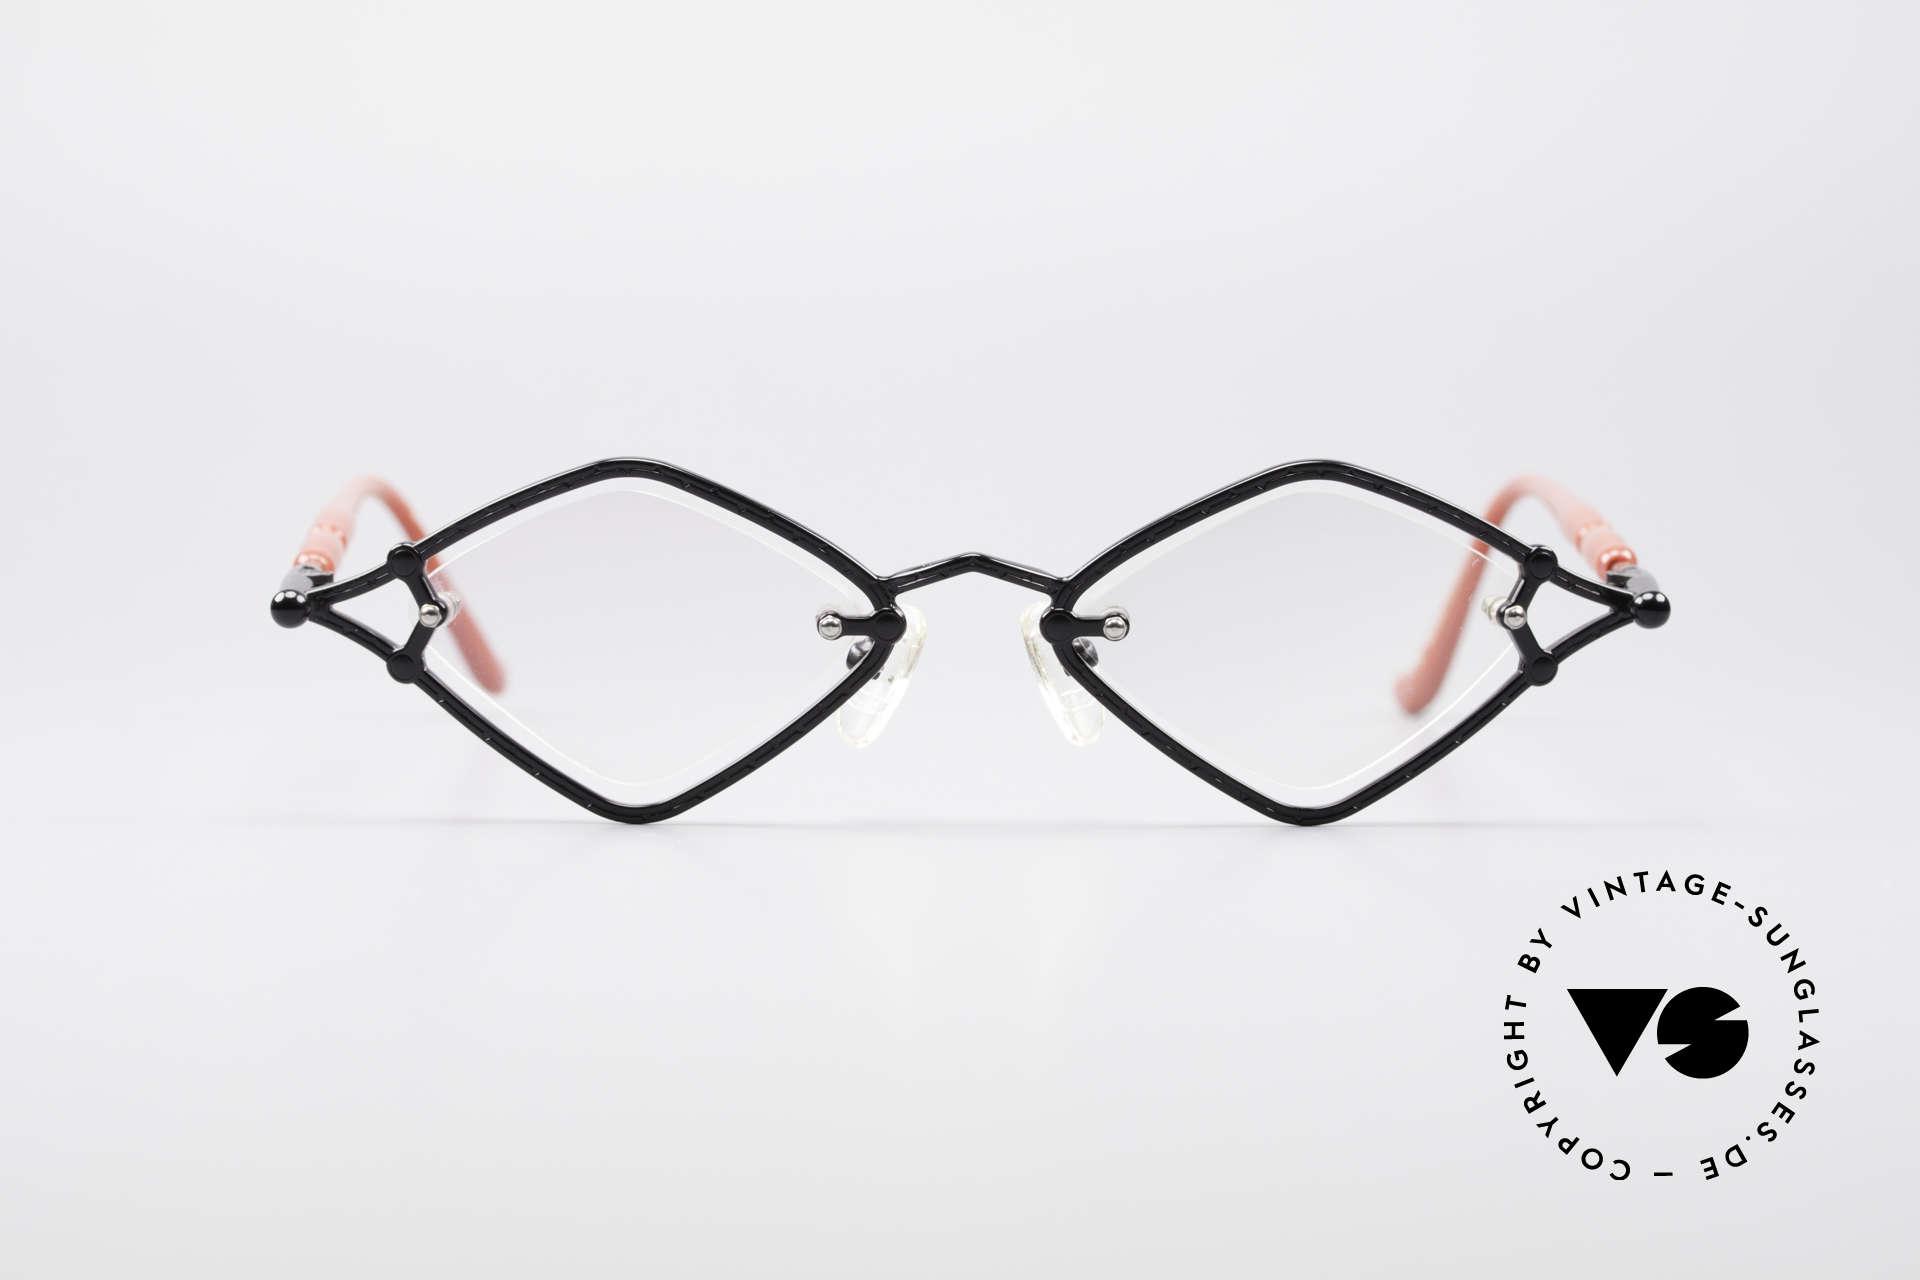 9d8e554ba Glasses Jean Paul Gaultier 56-7203 Angled 90's Designer Frame ...